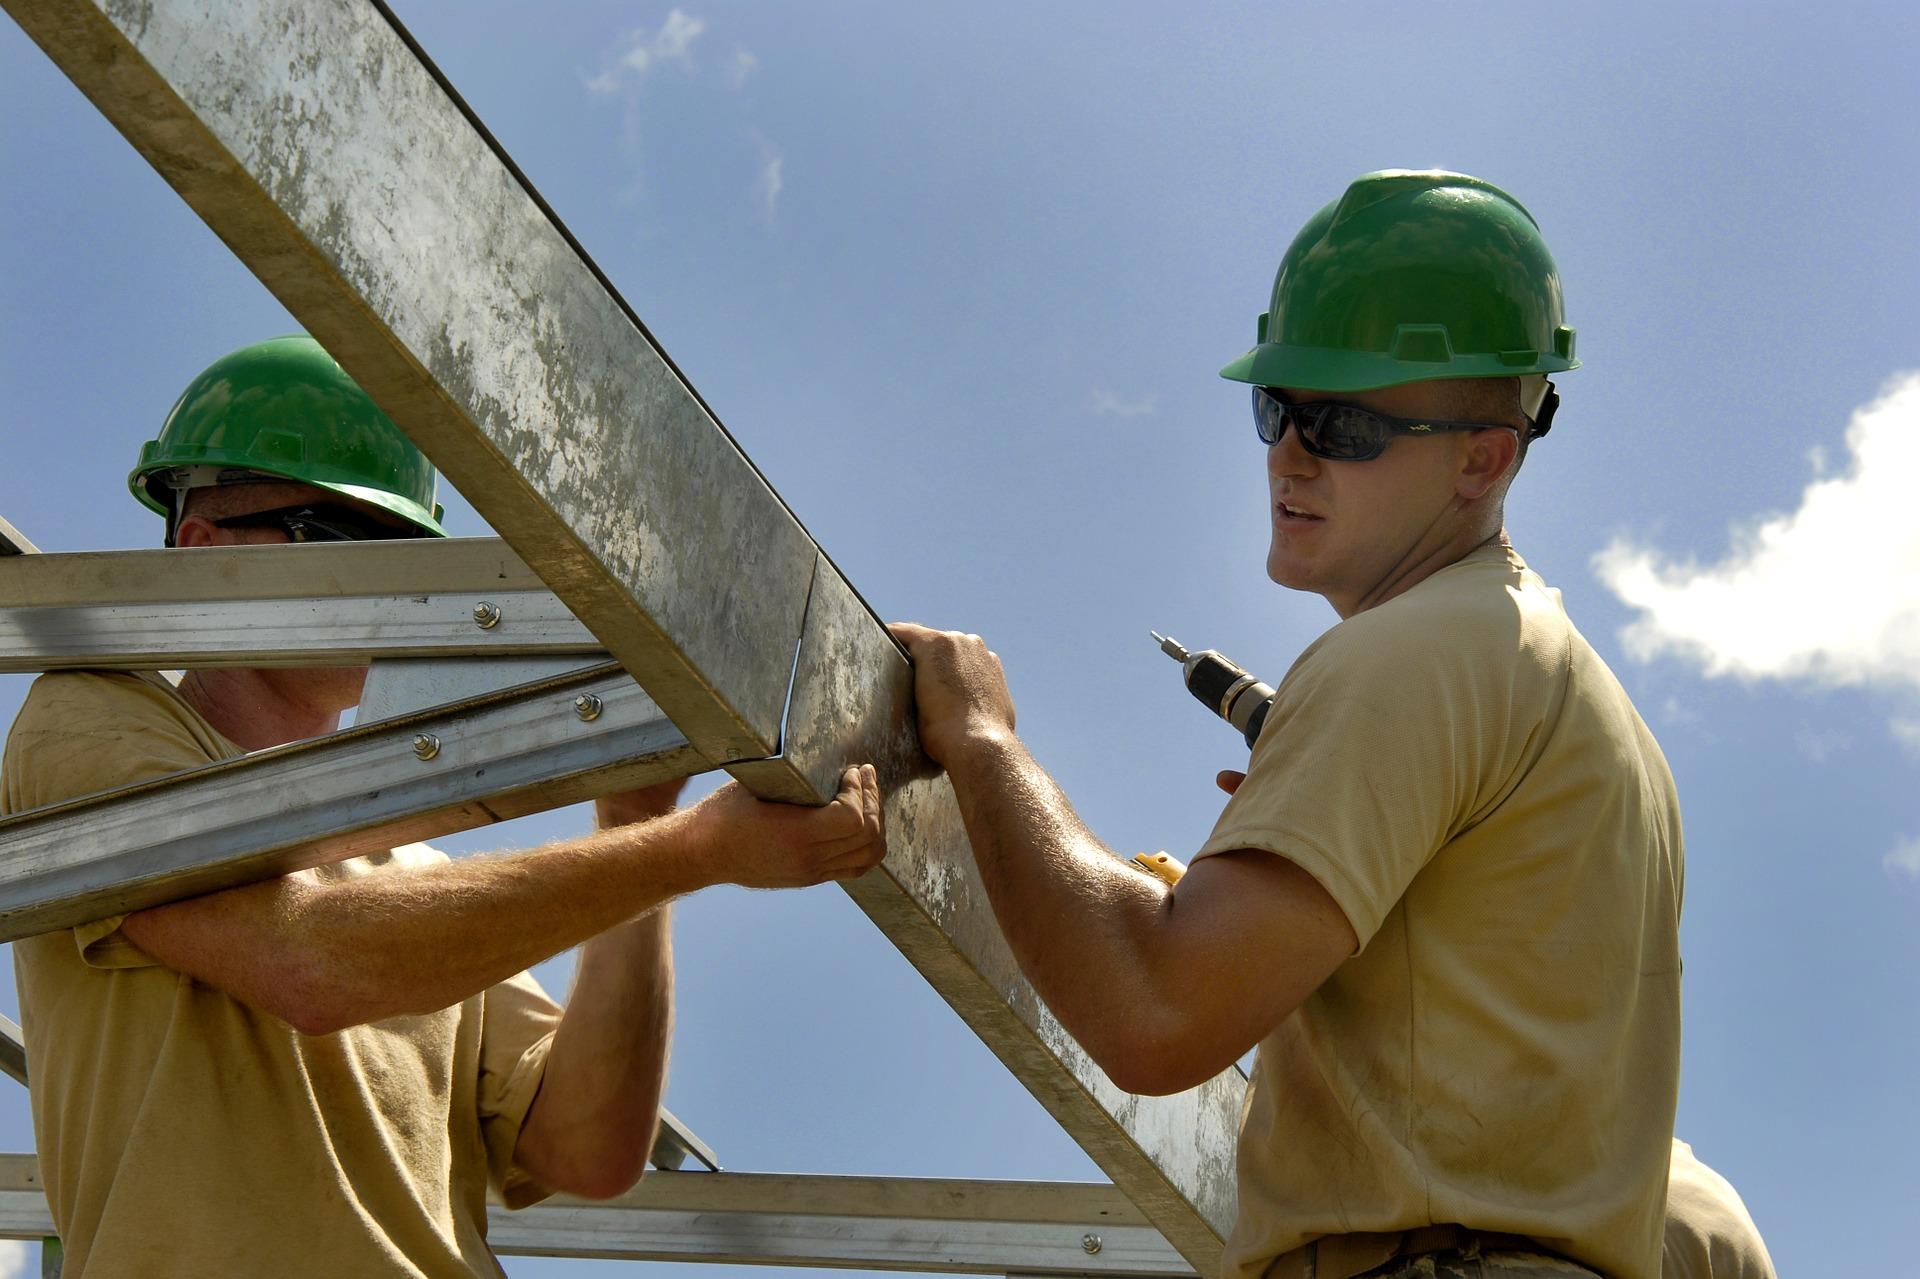 鉄筋コンクリート造(RC造)の建物を長持ちさせる方法